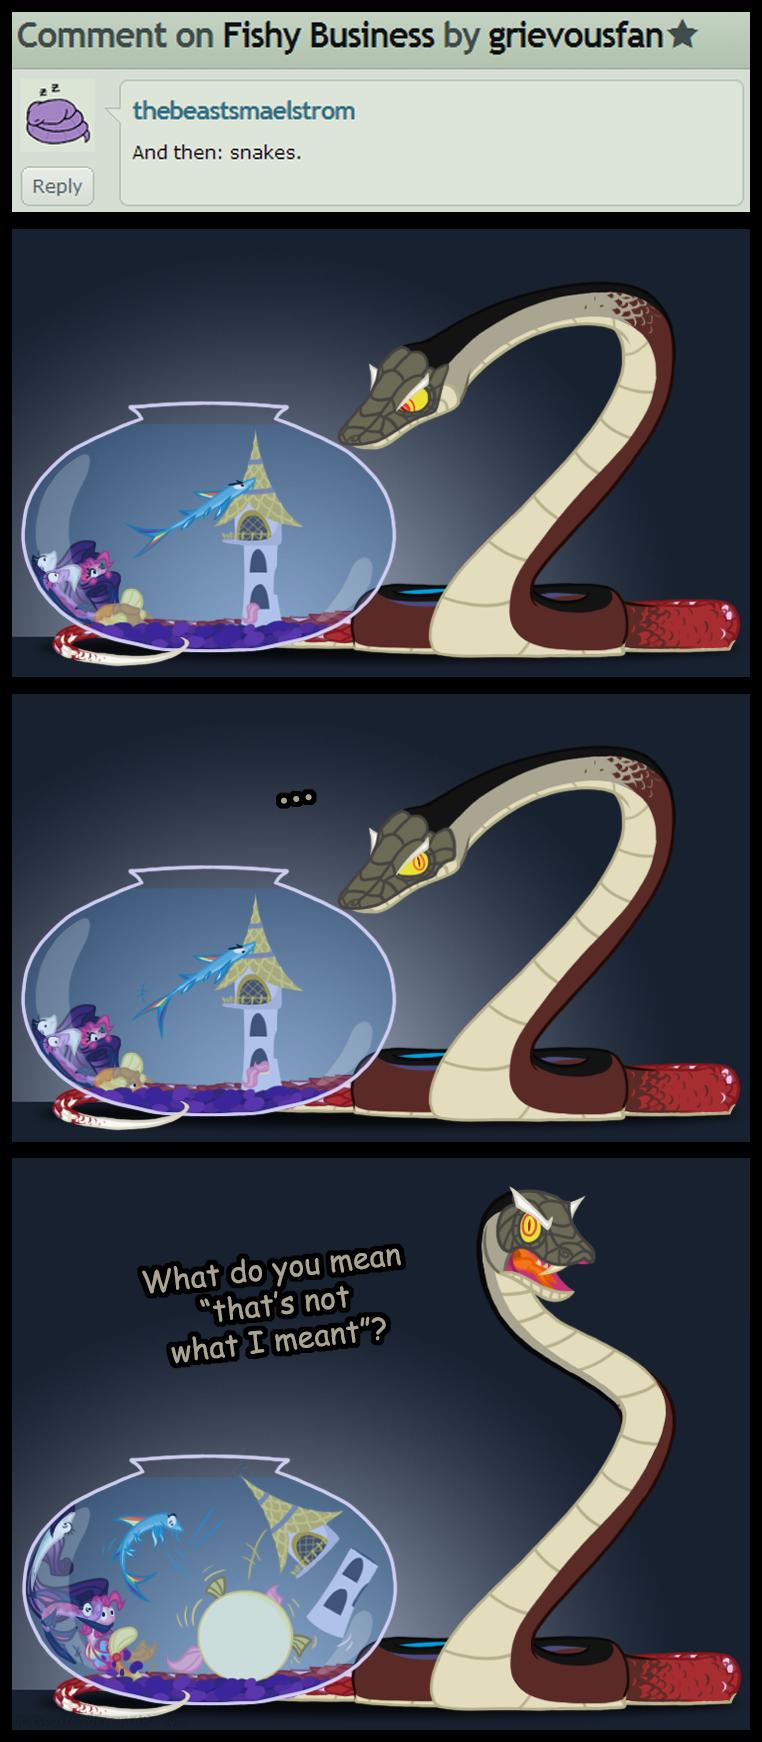 Snakes! by grievousfan